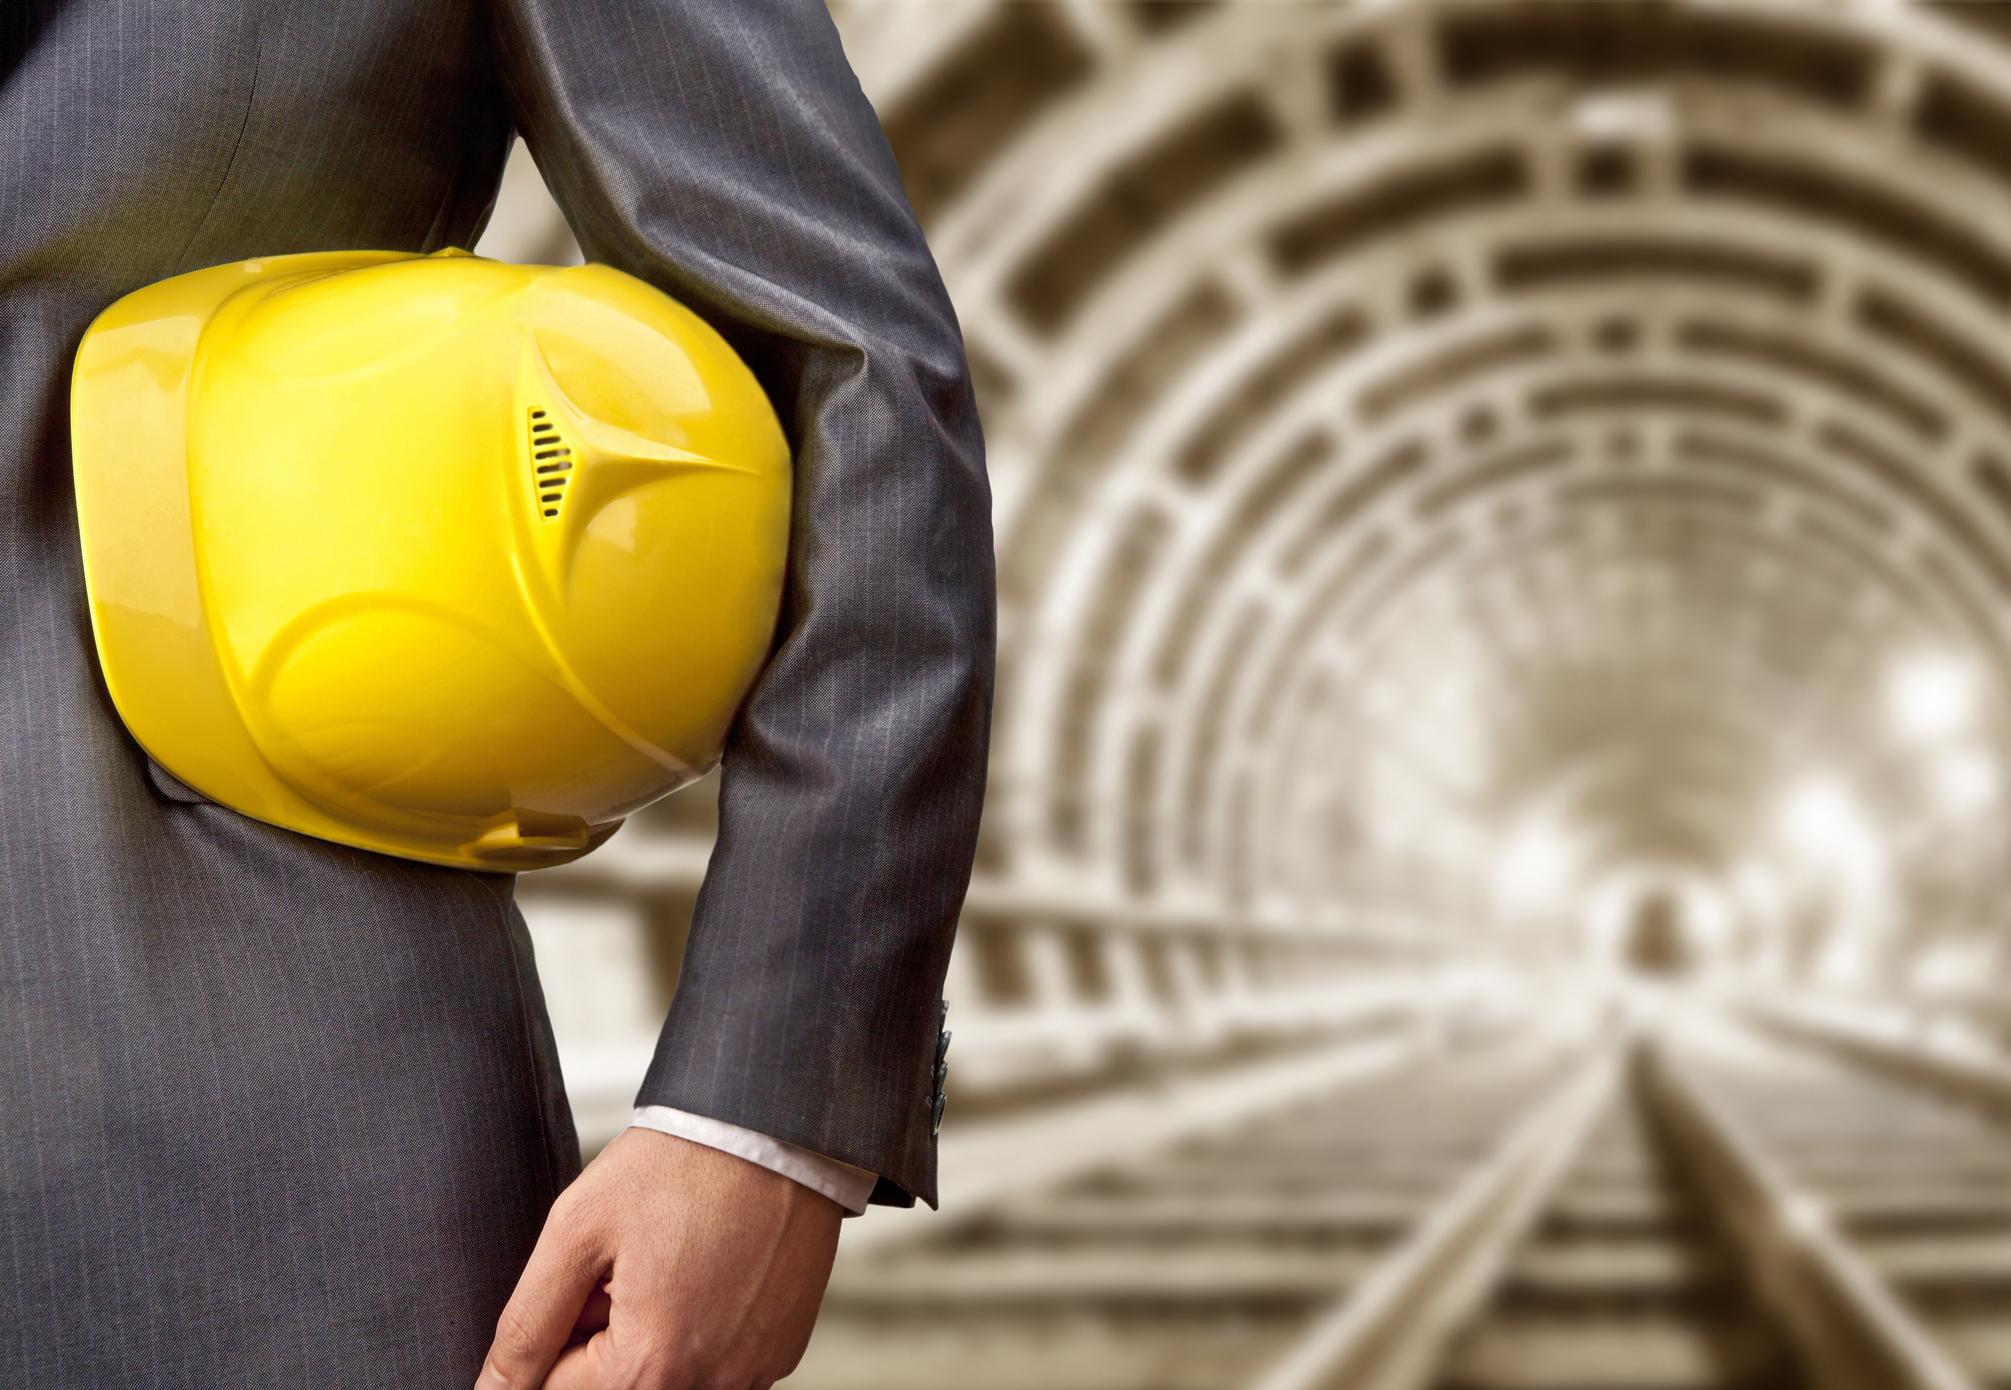 underground mining safety equipment